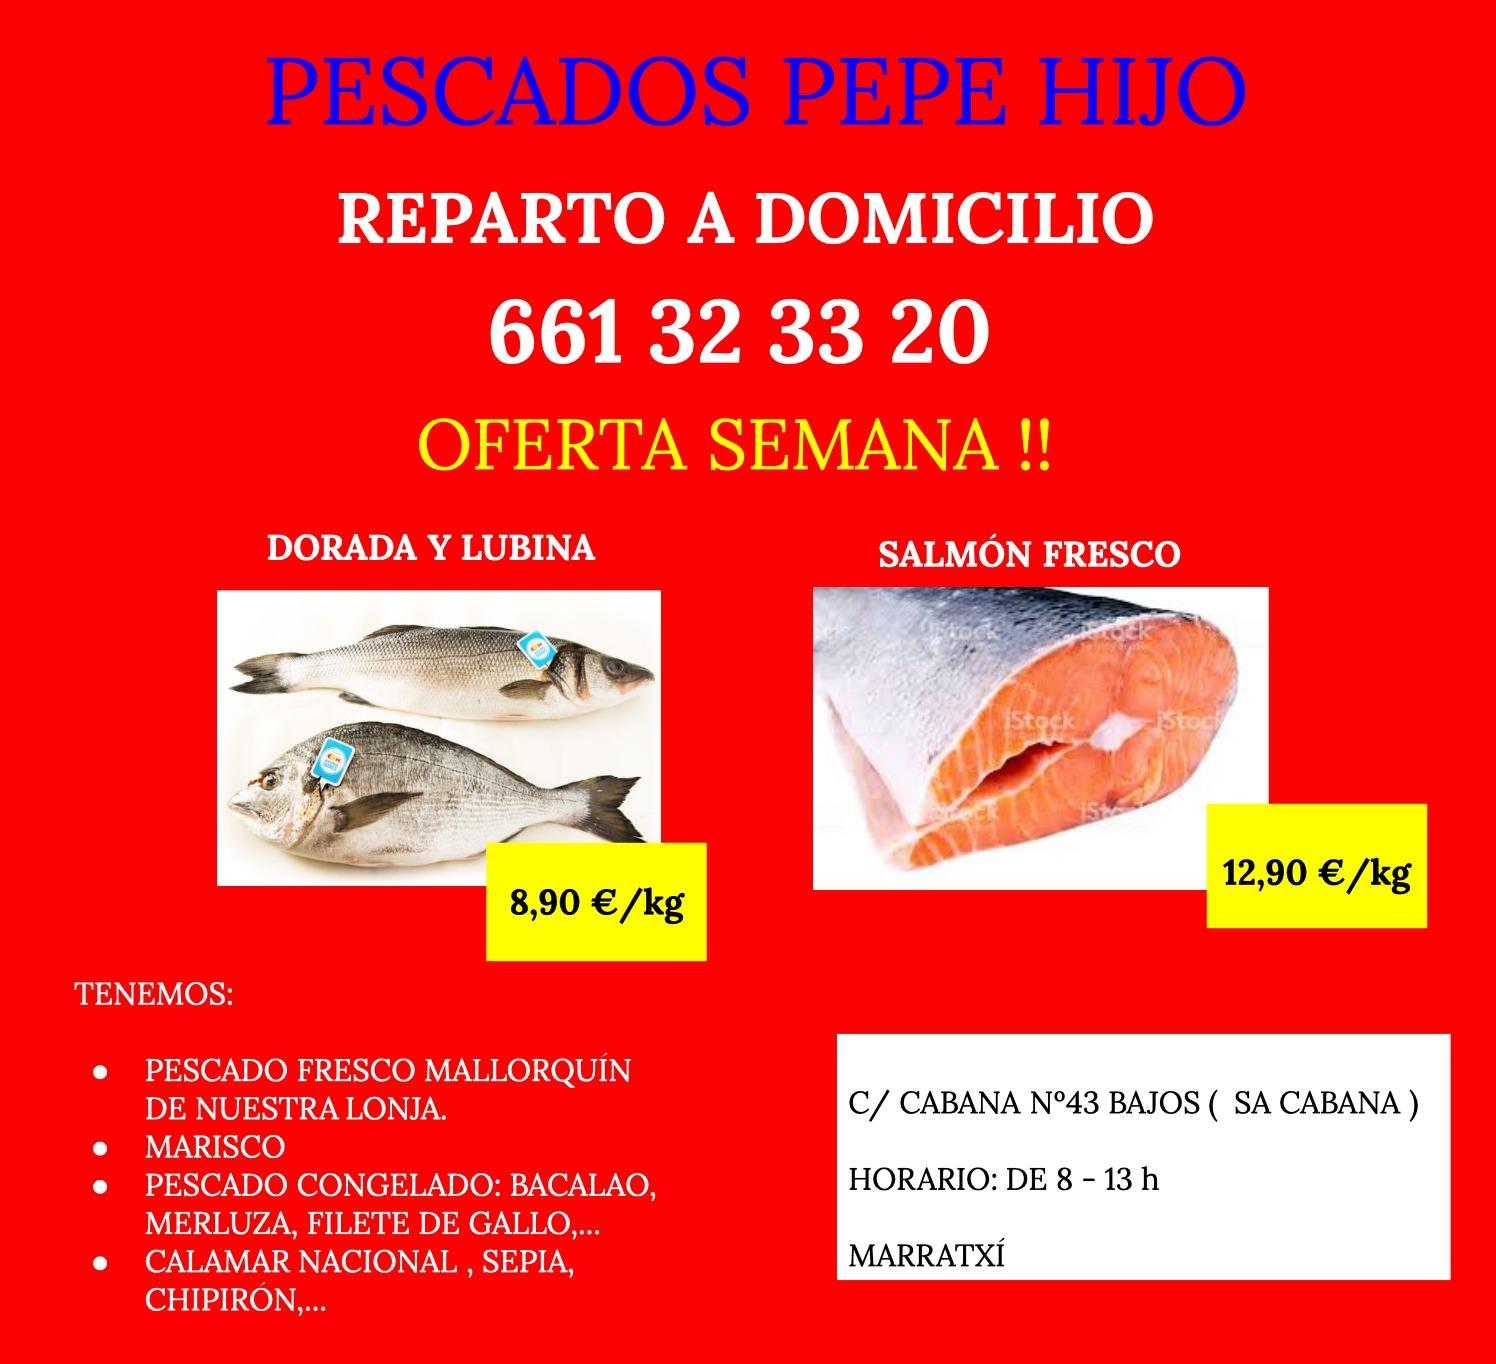 Pescados Pepe hijo